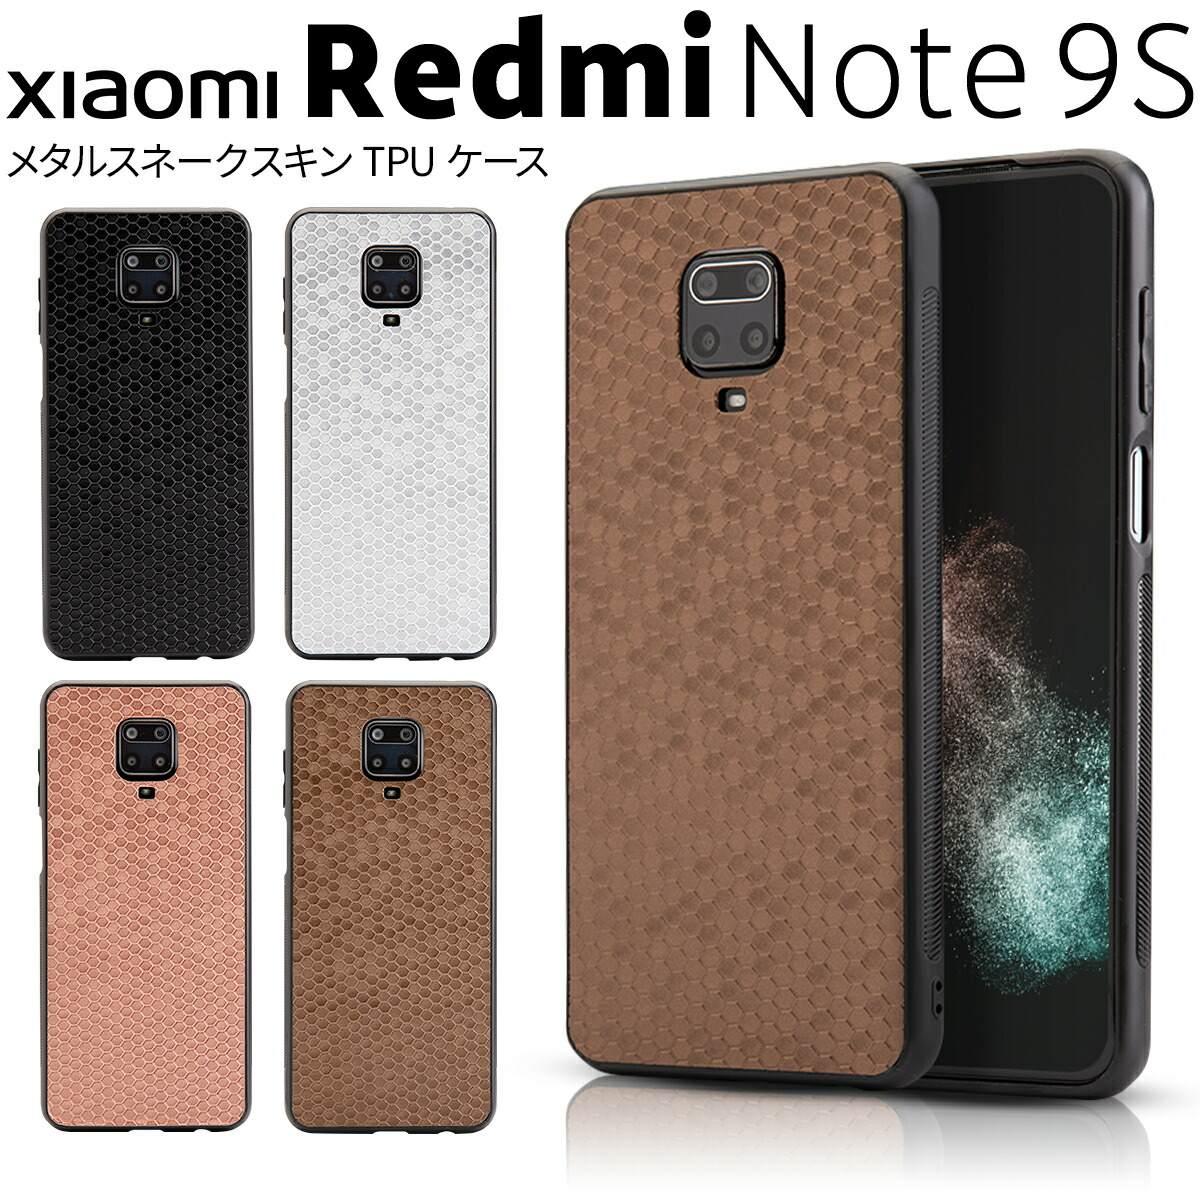 メール便送料無料 Redmi Note 9S メタルスネークスキン TPUケース 正規激安 スマホケース 韓国 スマホ ケース カバー メタリック かっこいい メタル おすすめ シャオミ 送料0円 おしゃれ うろこ Xiaomi メタルプレート 人気